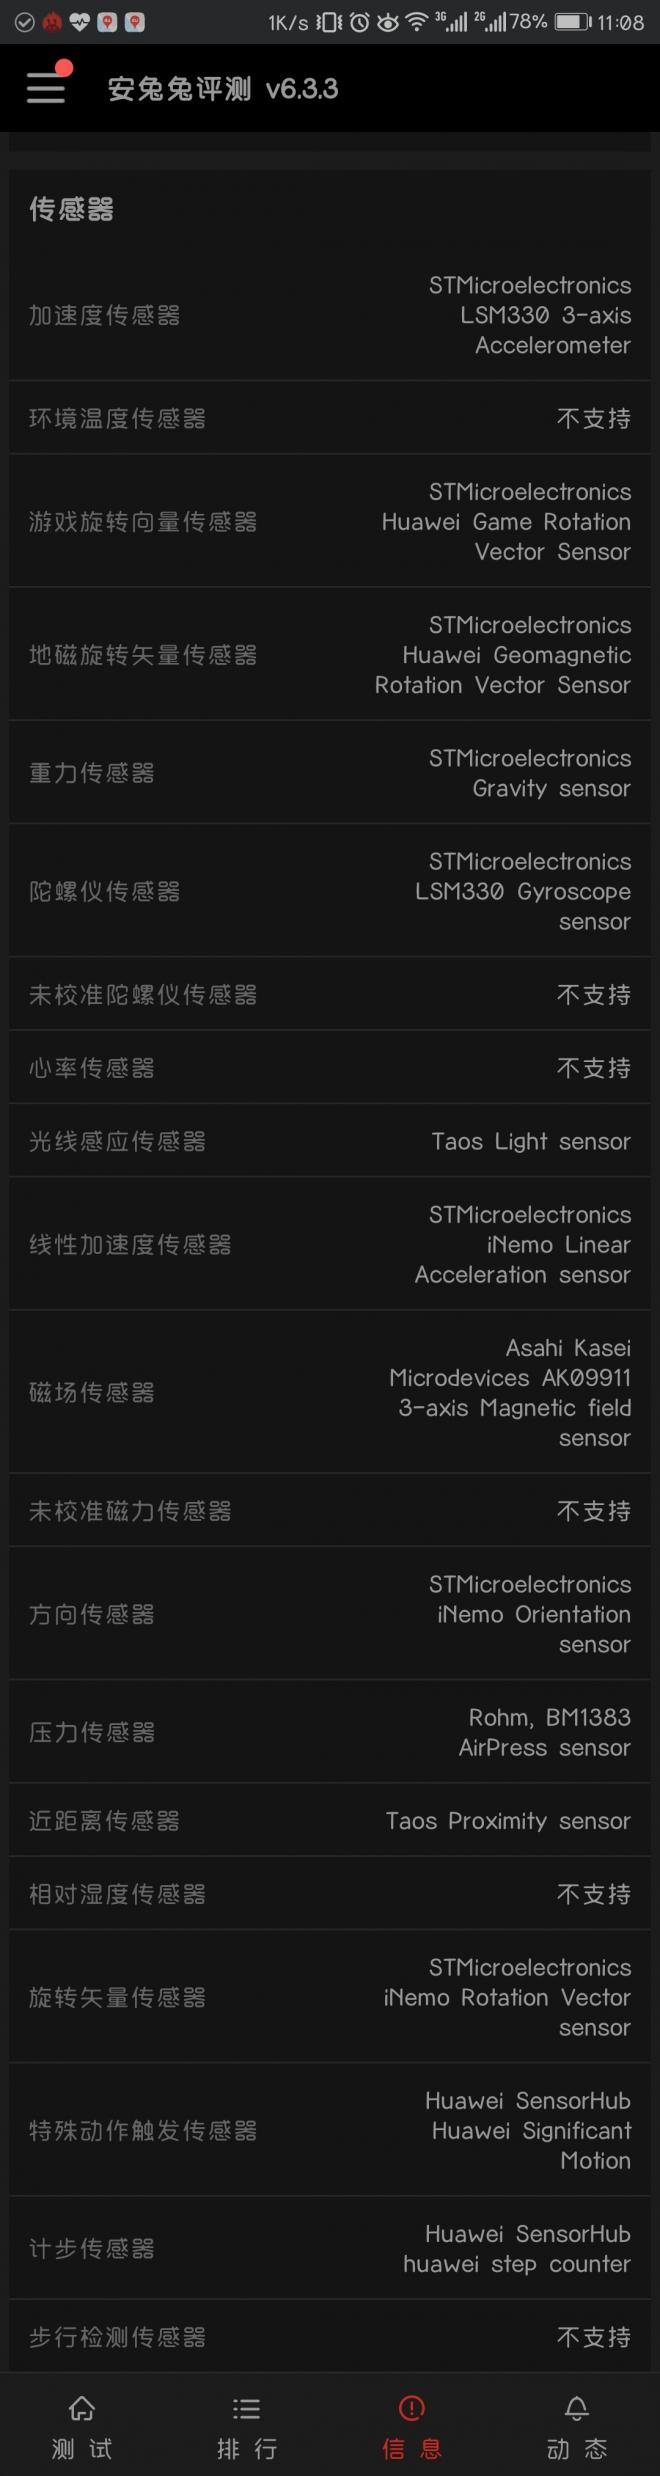 Screenshot_2017-02-18-11-08-53.jpg